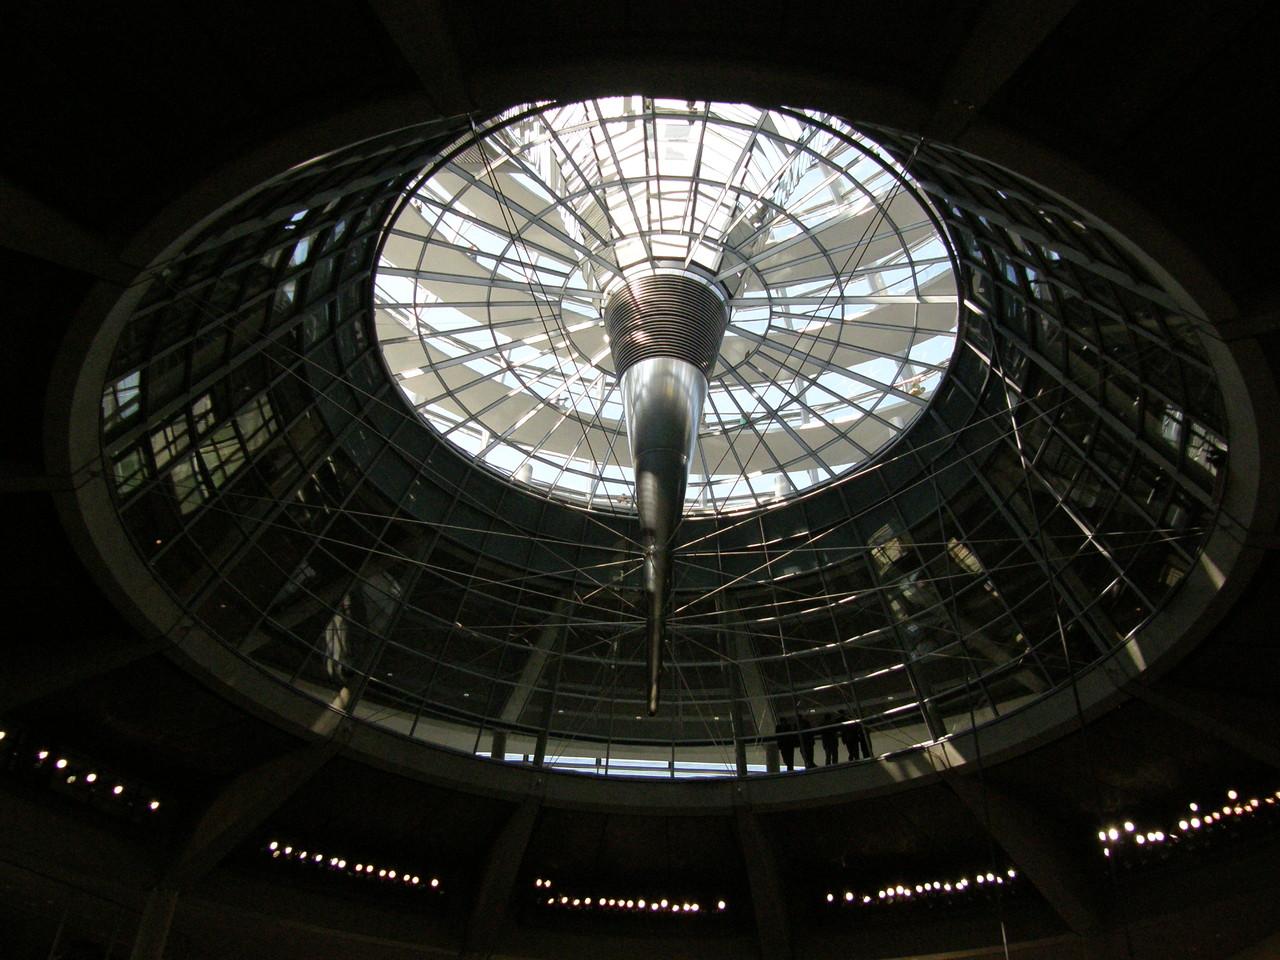 Sie wurde von der österr. Firma Wagner-Biro gebaut.